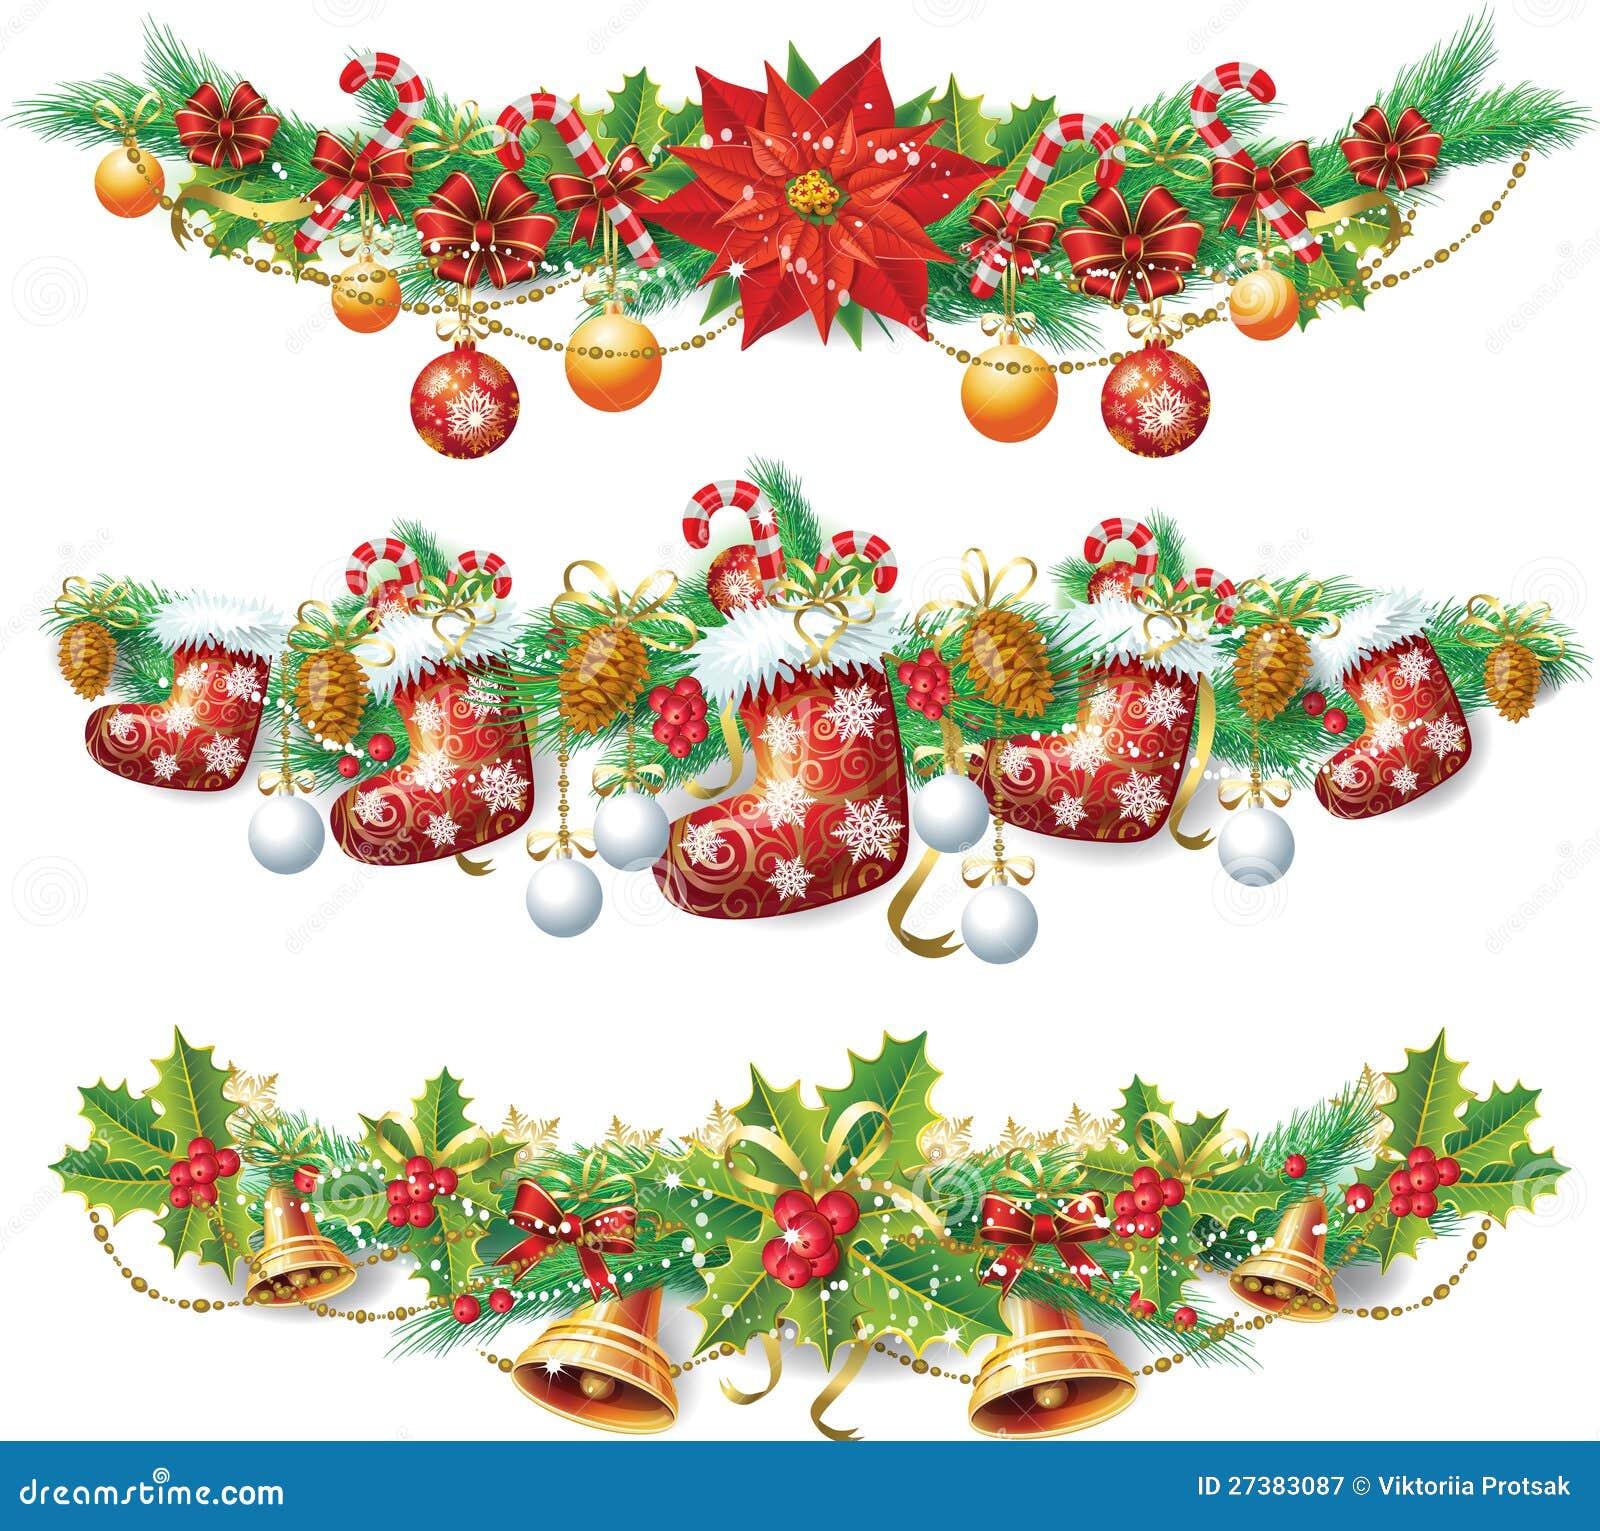 Weihnachtsgirlande Vektor Abbildung Illustration Von Glückwunsch